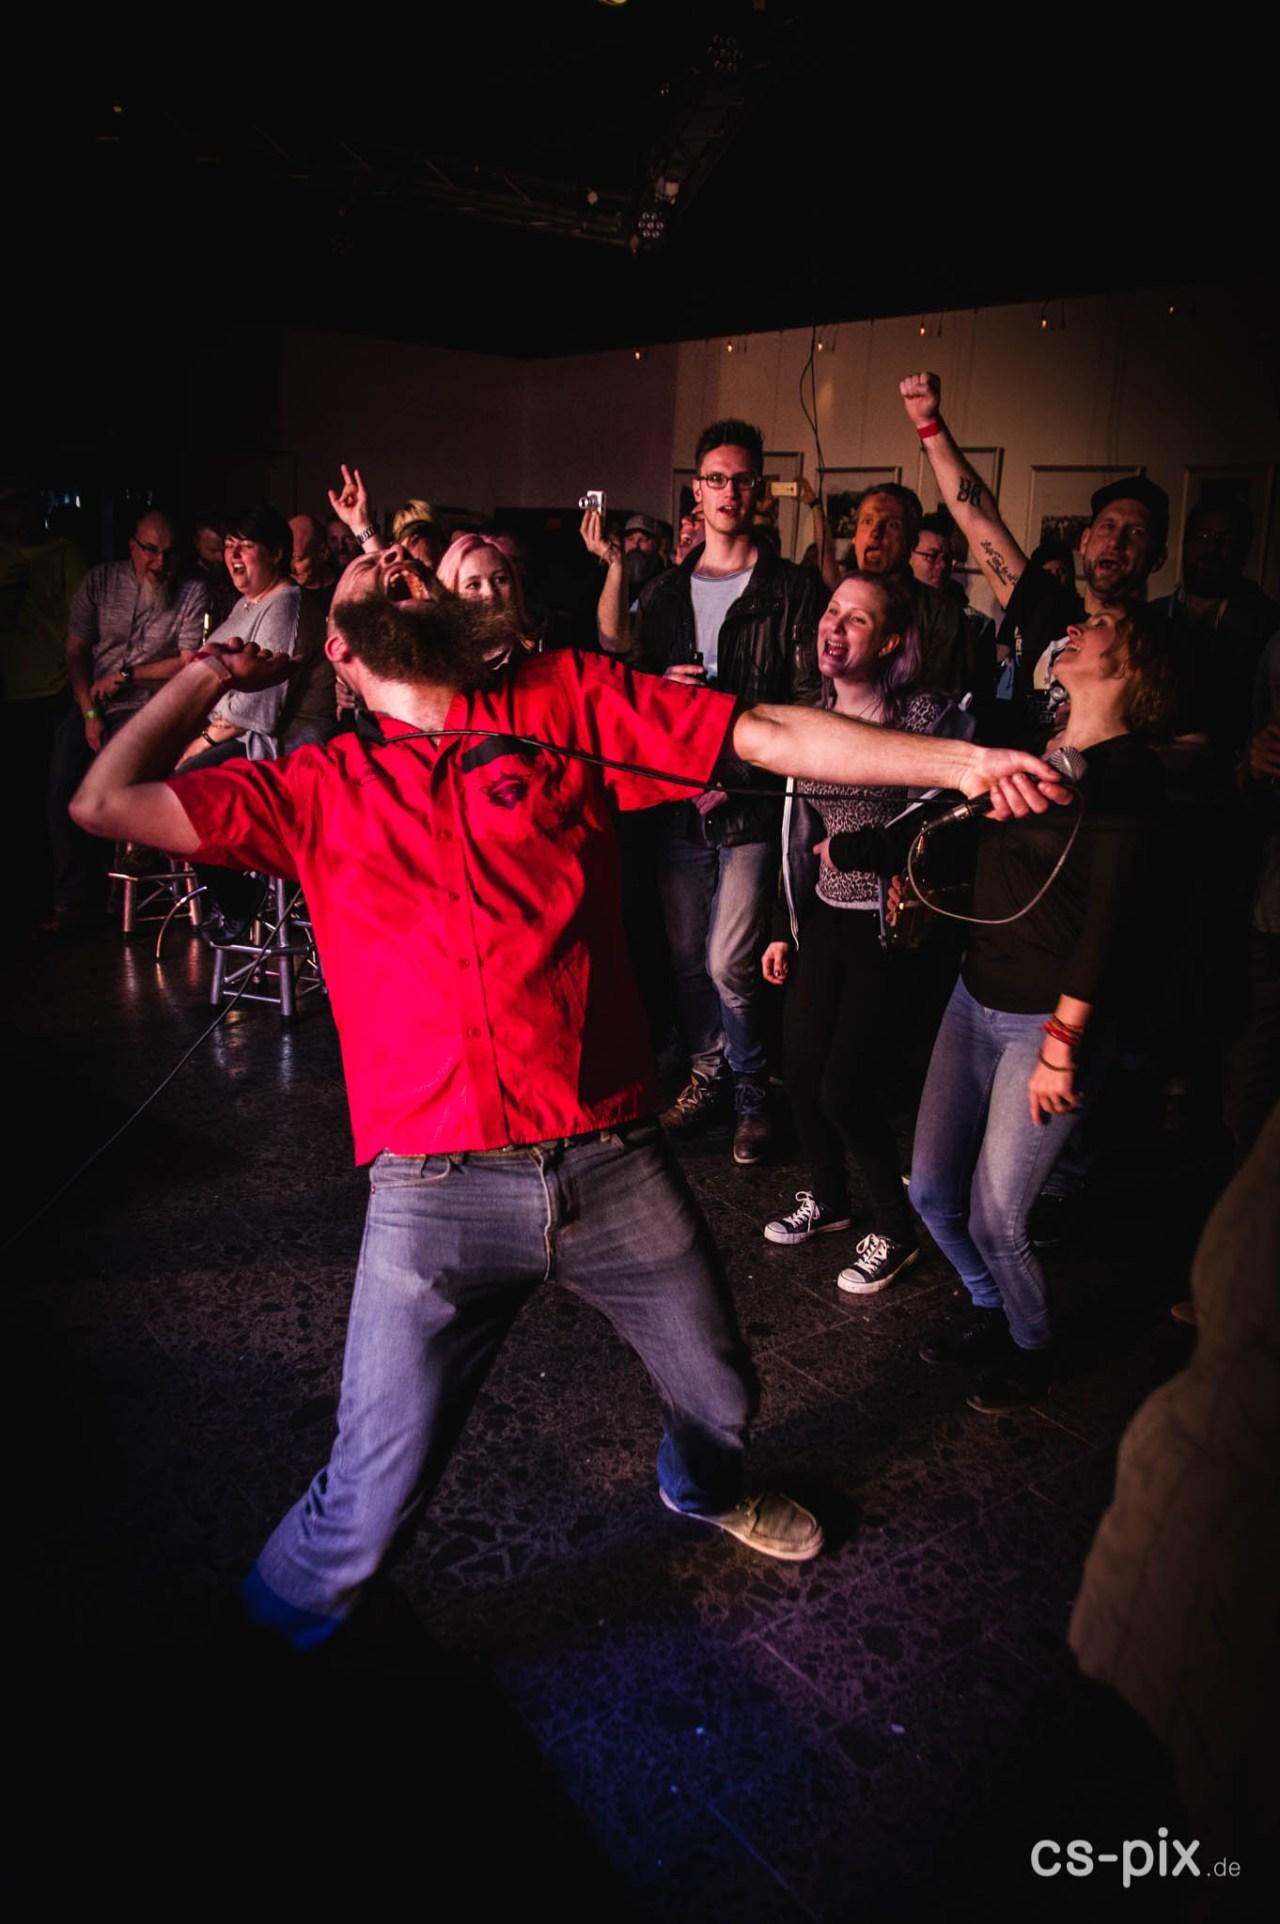 Fitches, Sweepland Getaway - Solche Momente erlebst du nicht auf den großen Bühnen